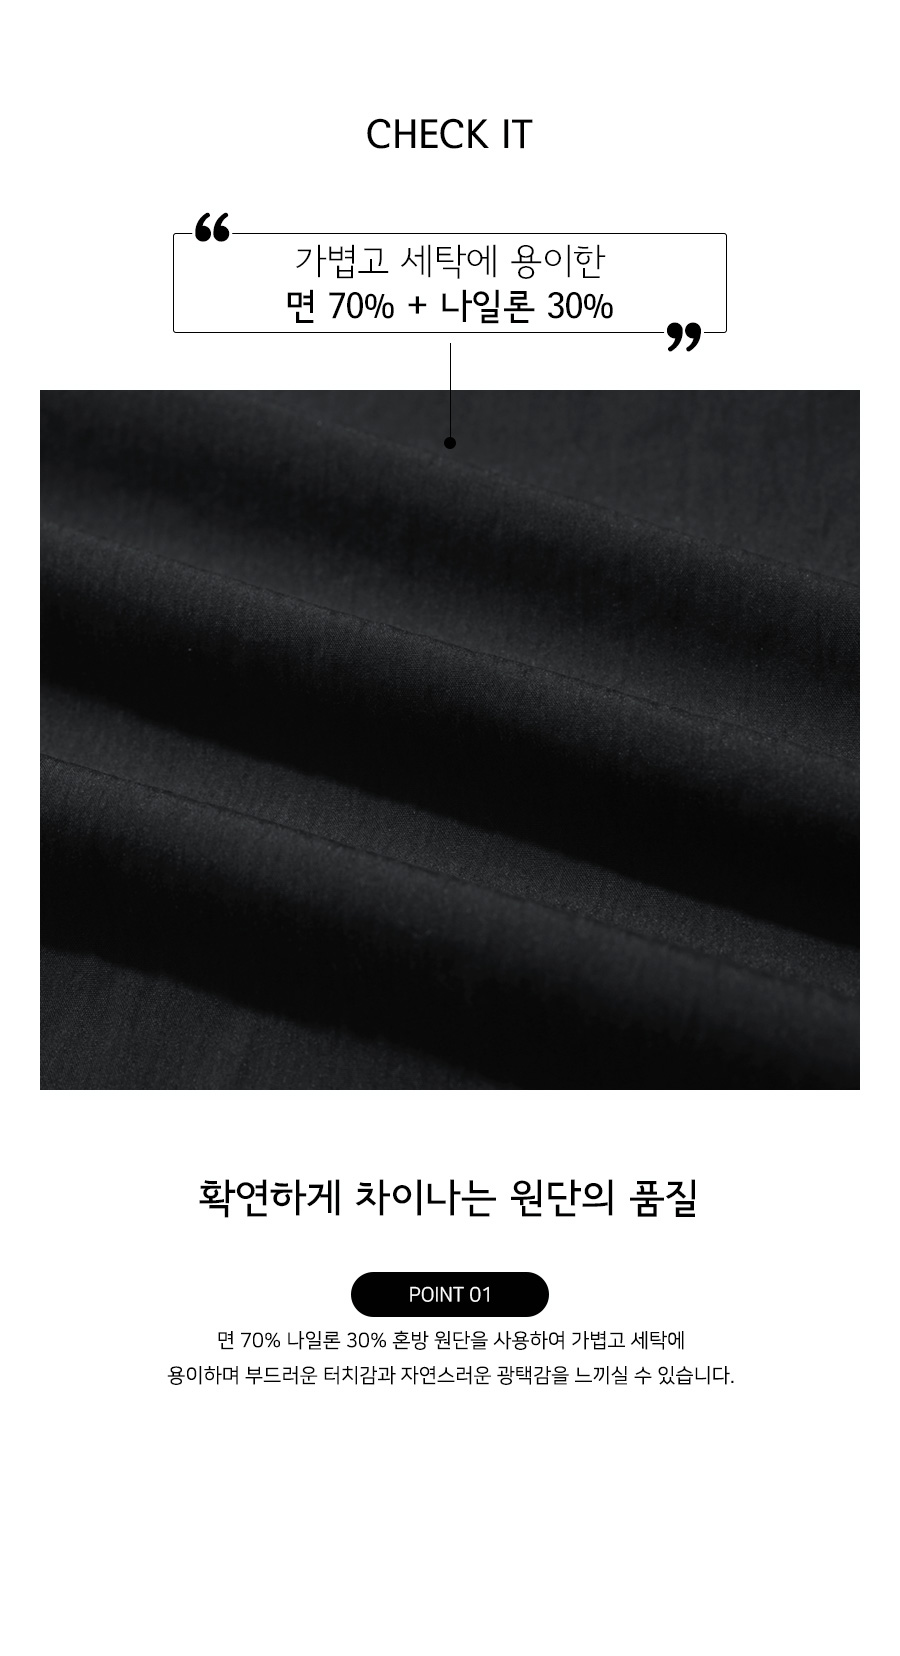 4423_info_black_de.jpg